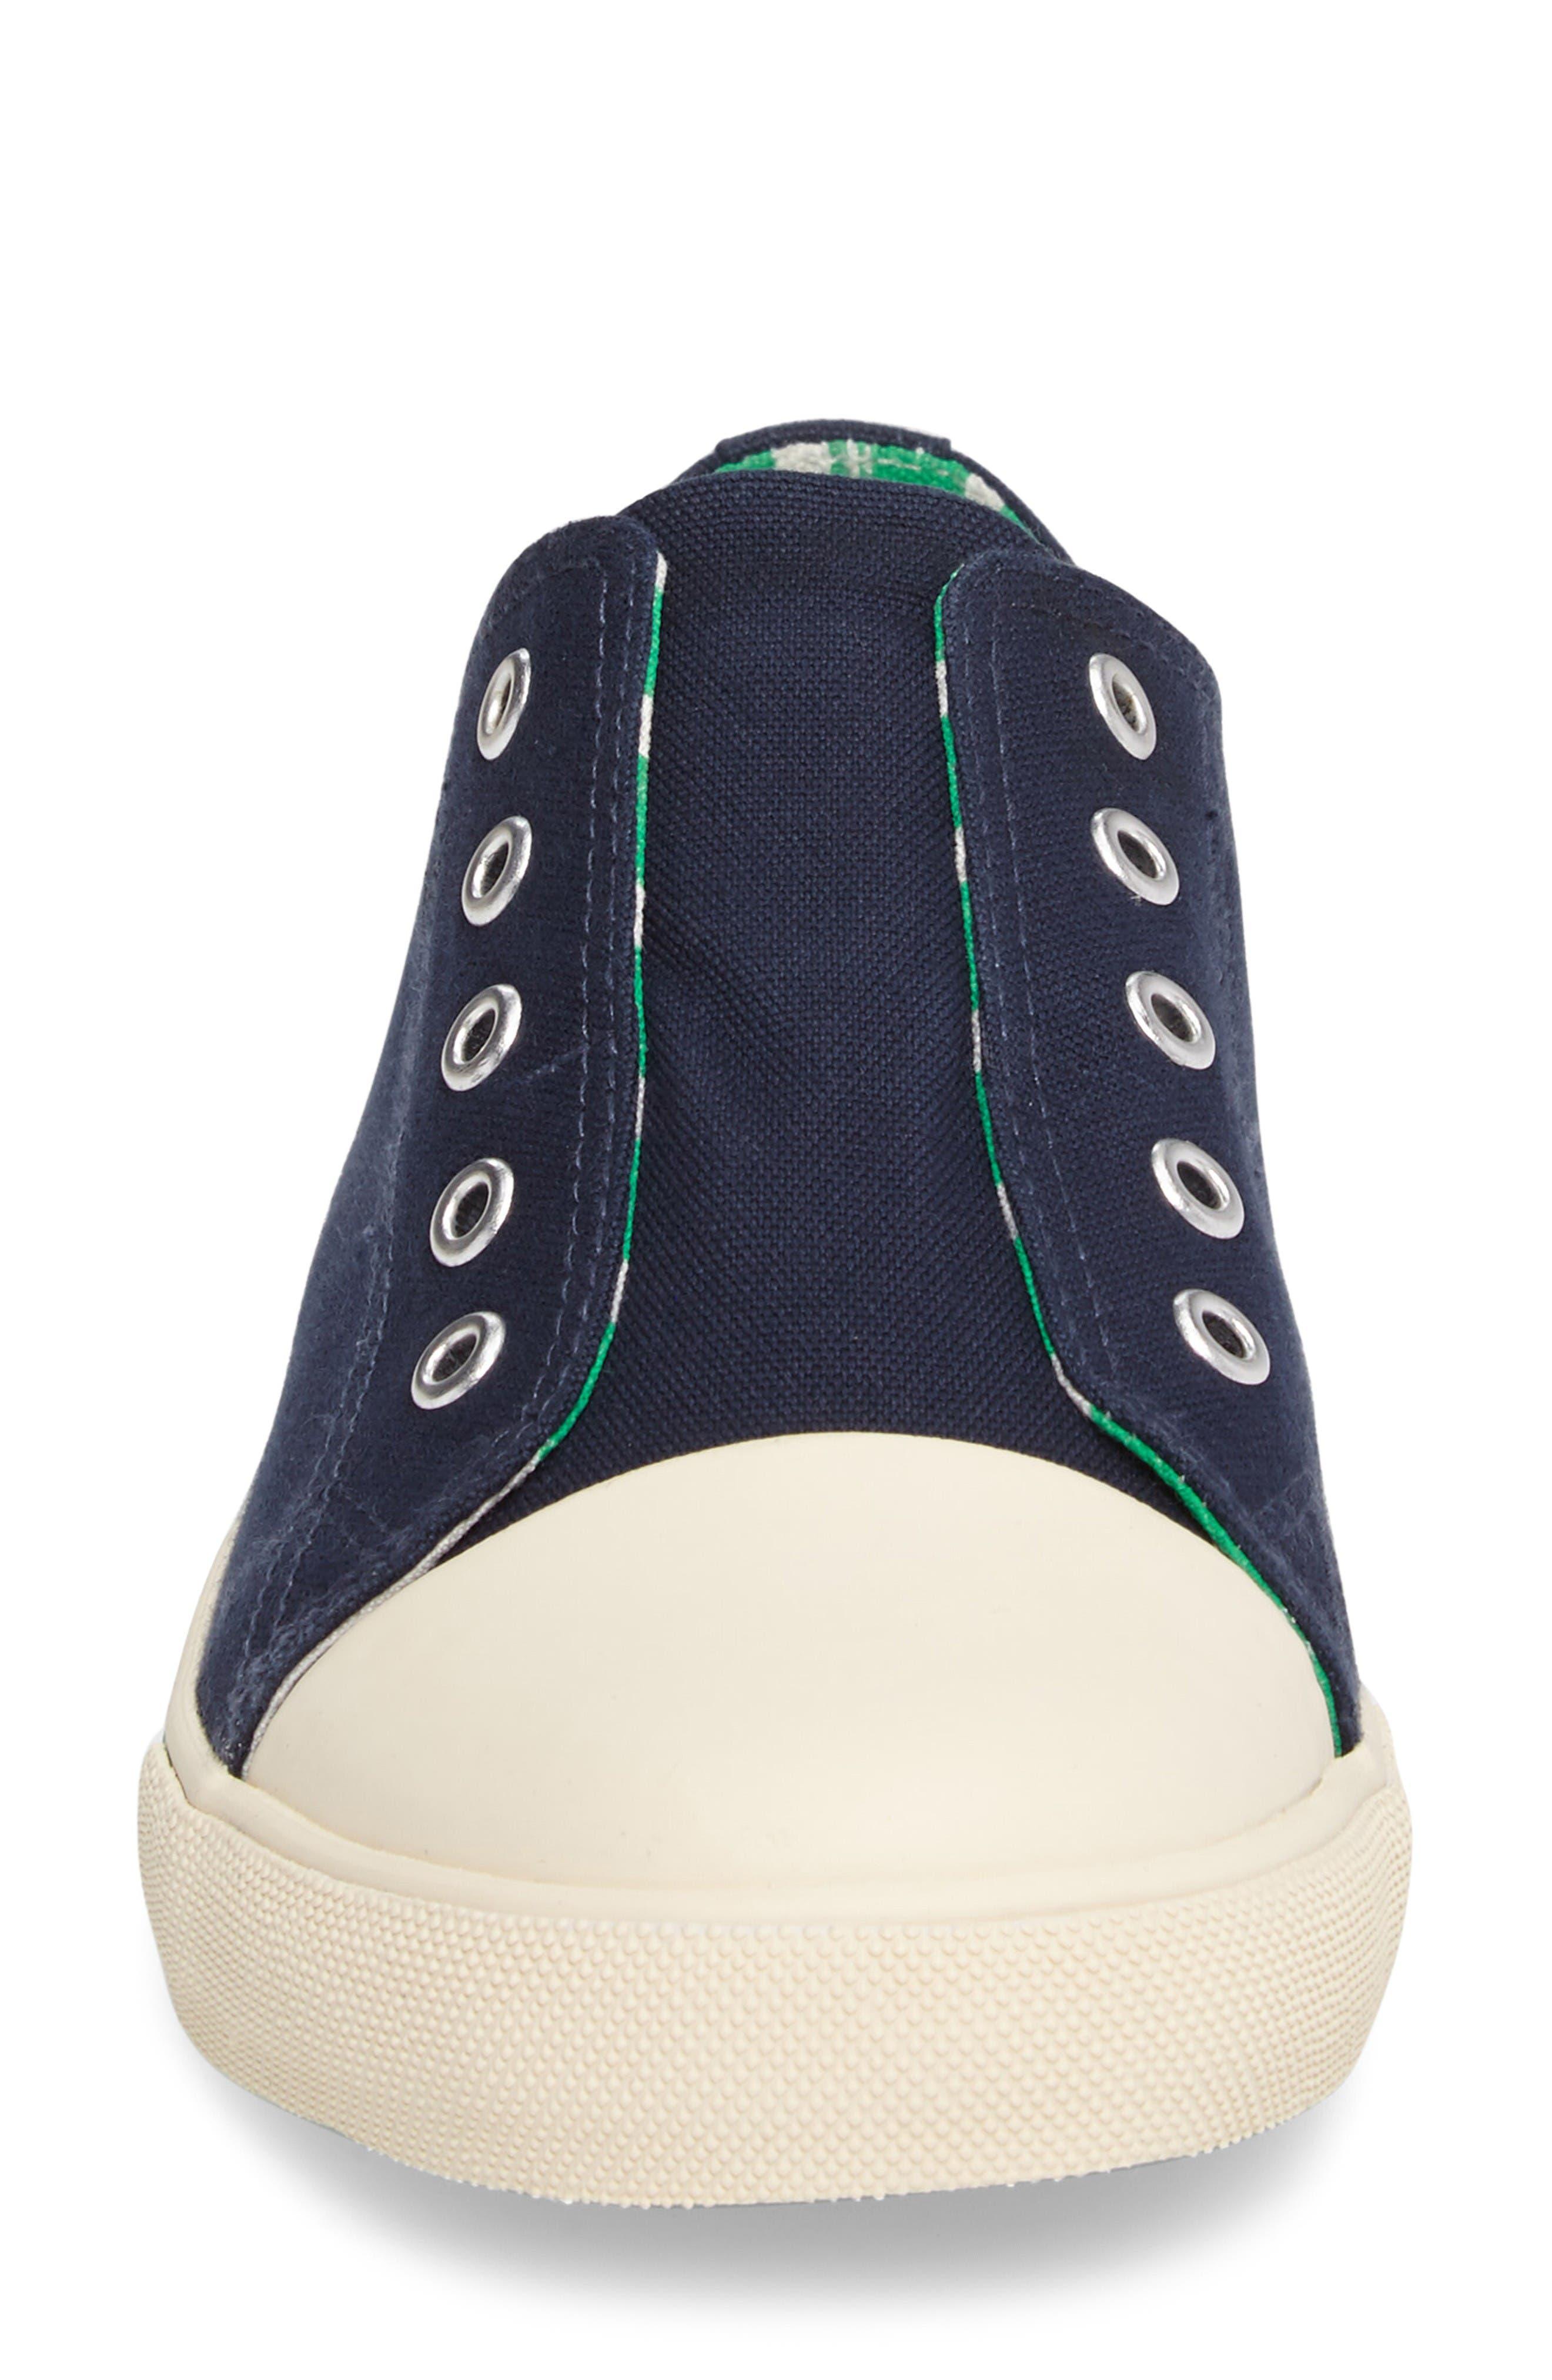 Alternate Image 4  - Mini Boden Laceless Sneaker (Toddler, Little Kid & Big Kid)